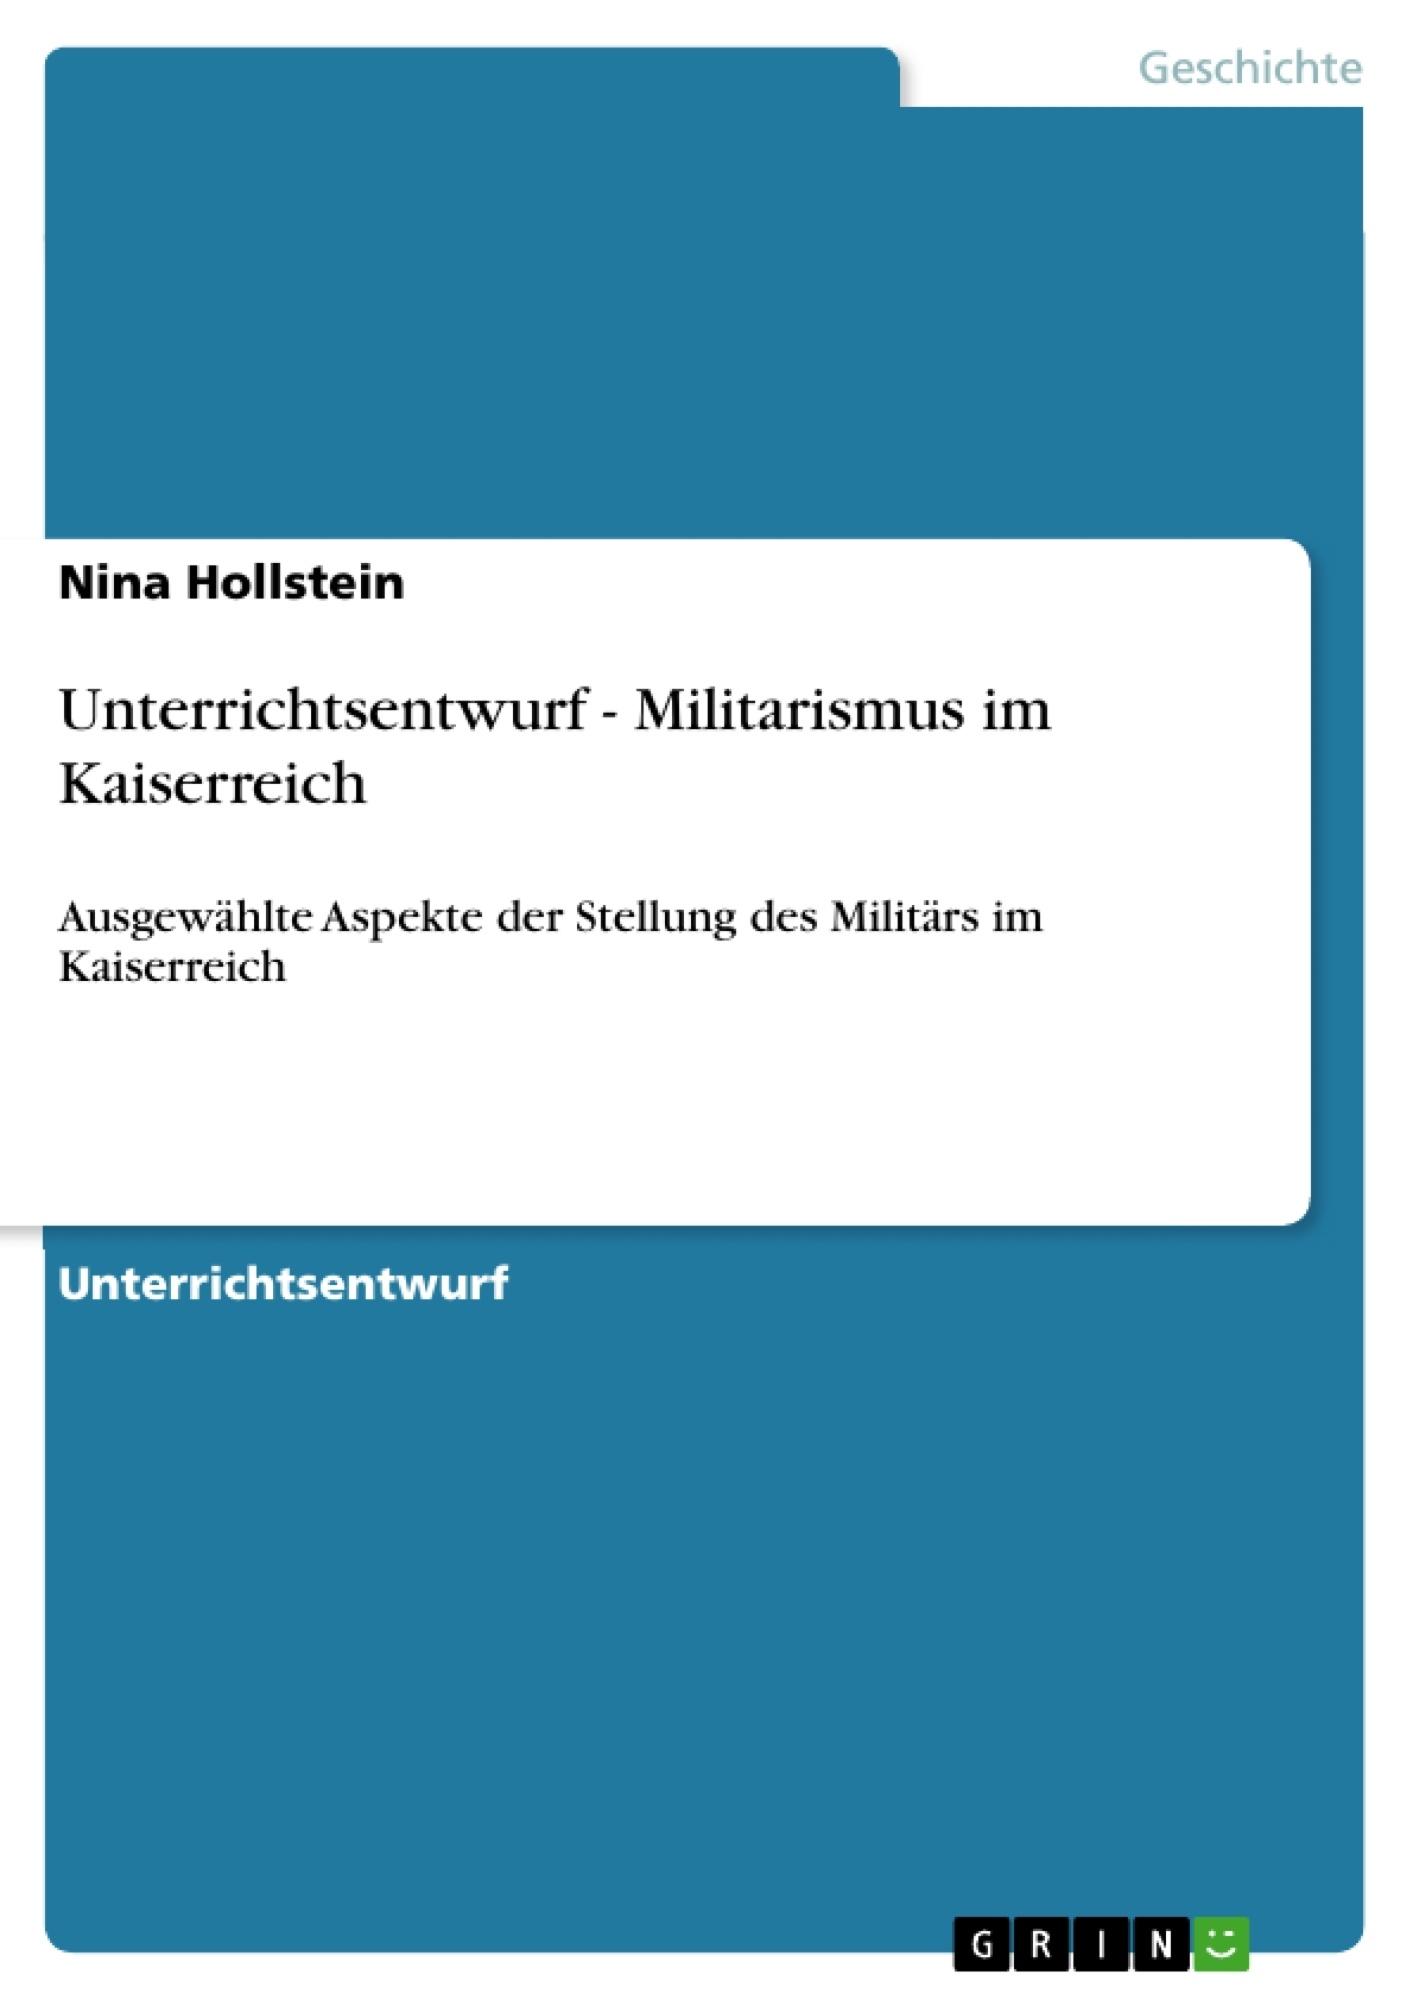 Titel: Unterrichtsentwurf - Militarismus im Kaiserreich